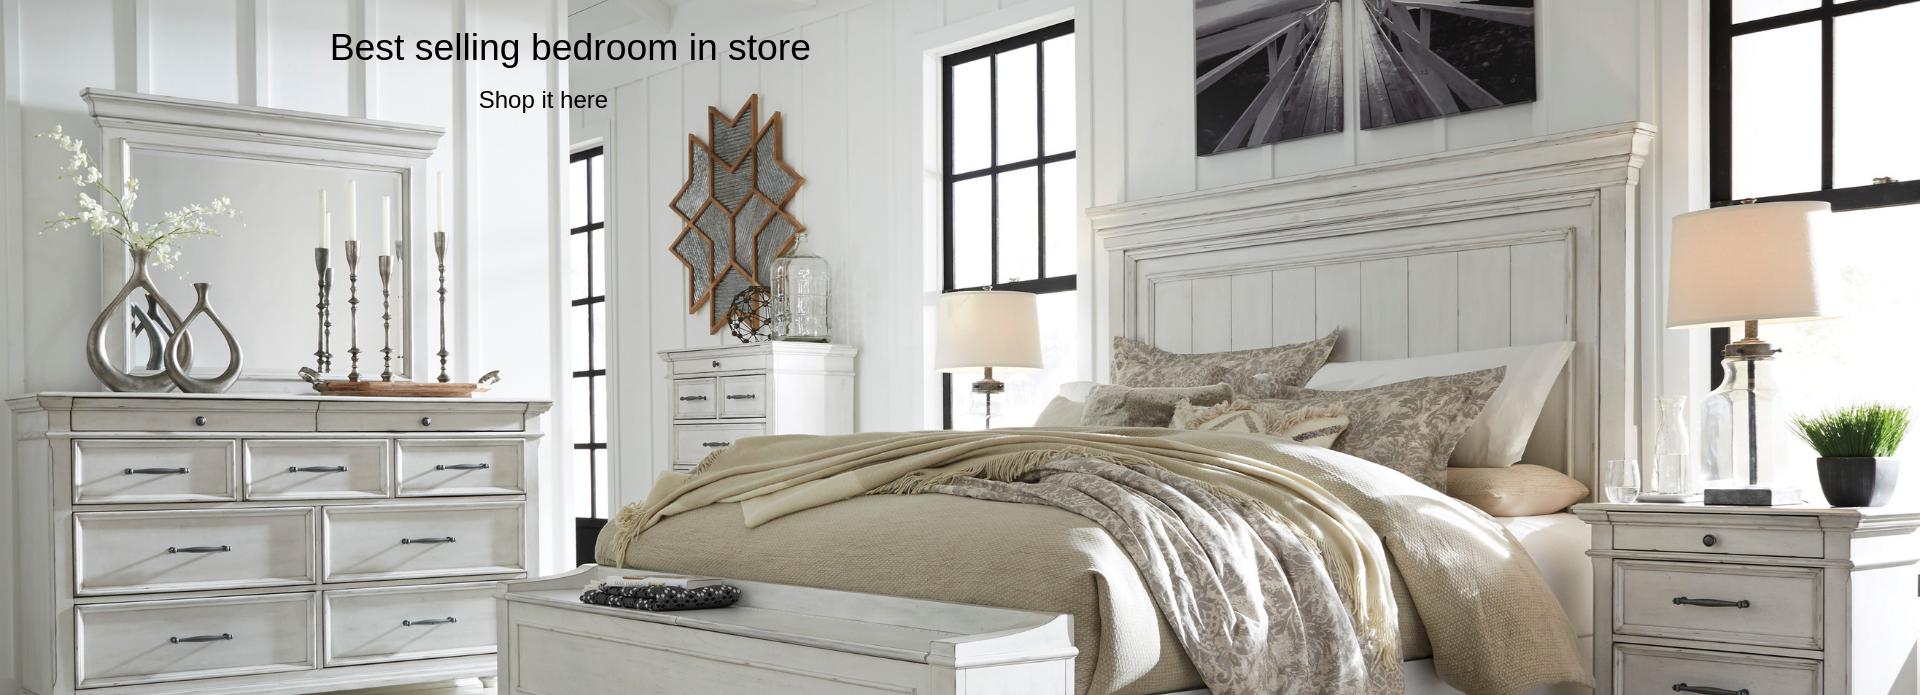 Best selling bedroom